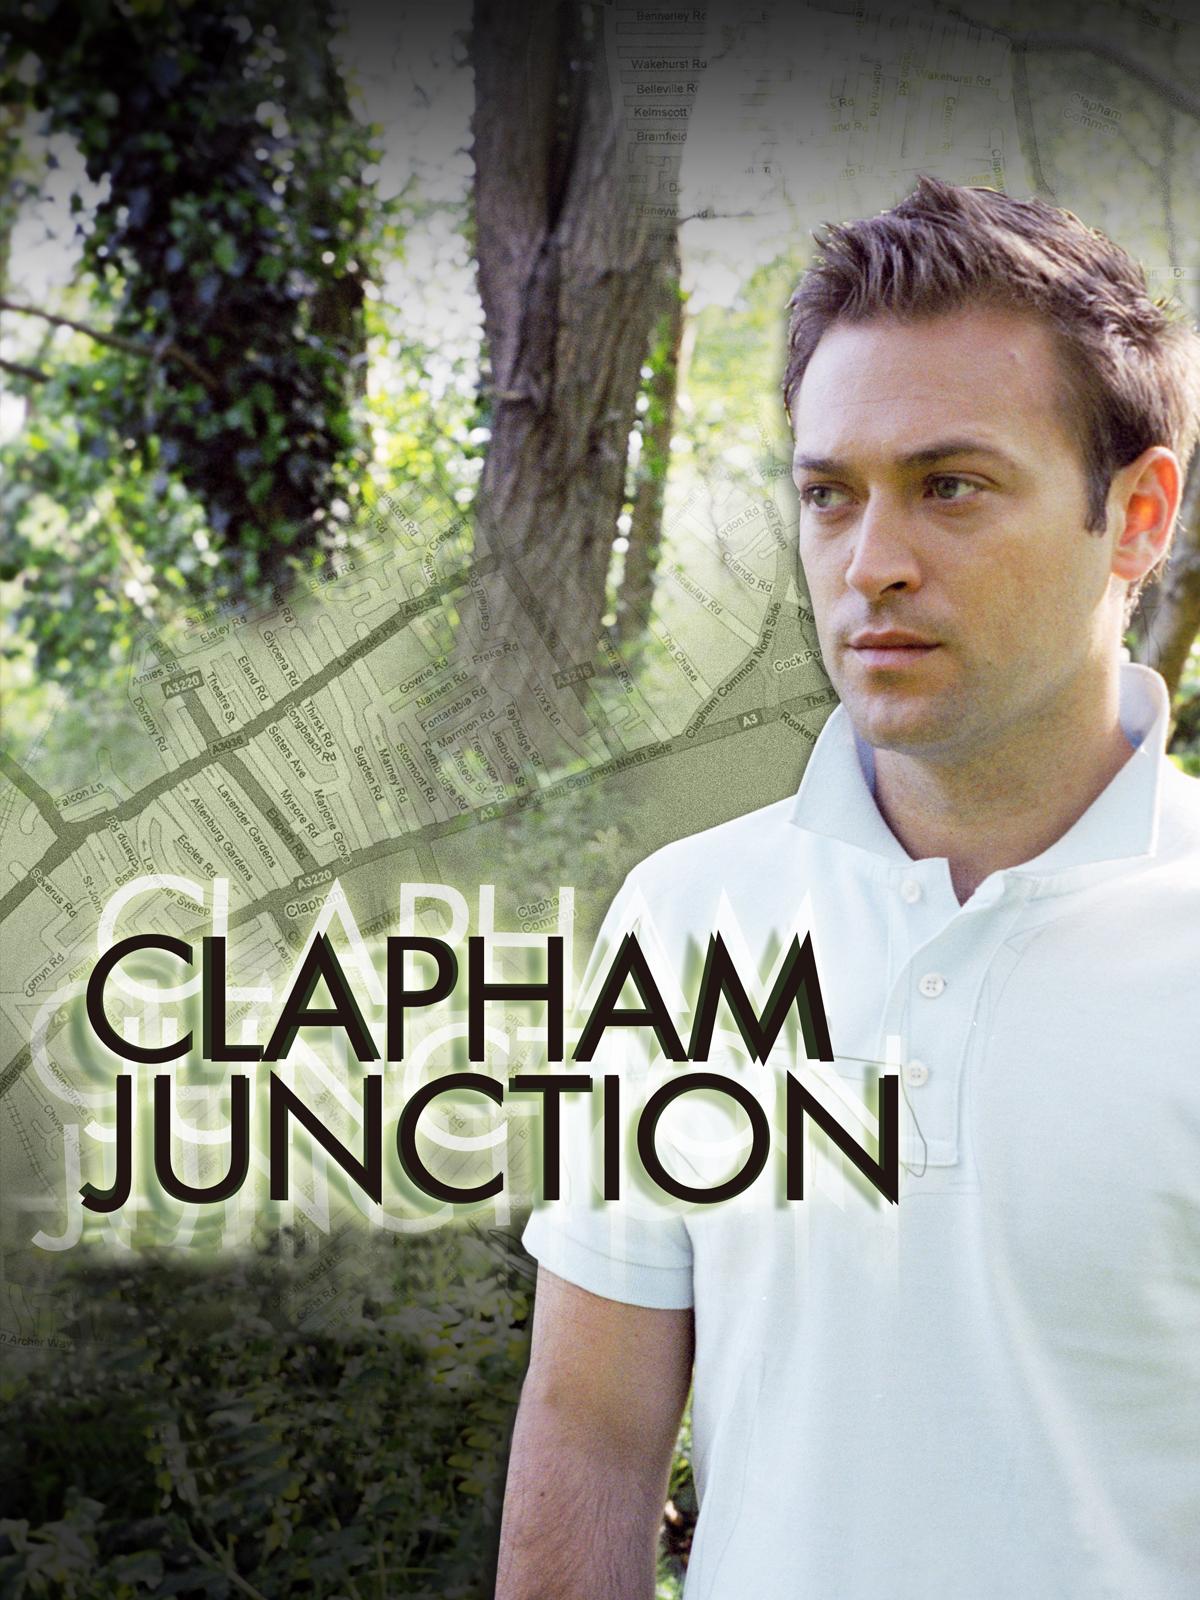 Here-ClaphamJunction-Full-Image-en-US.jpg